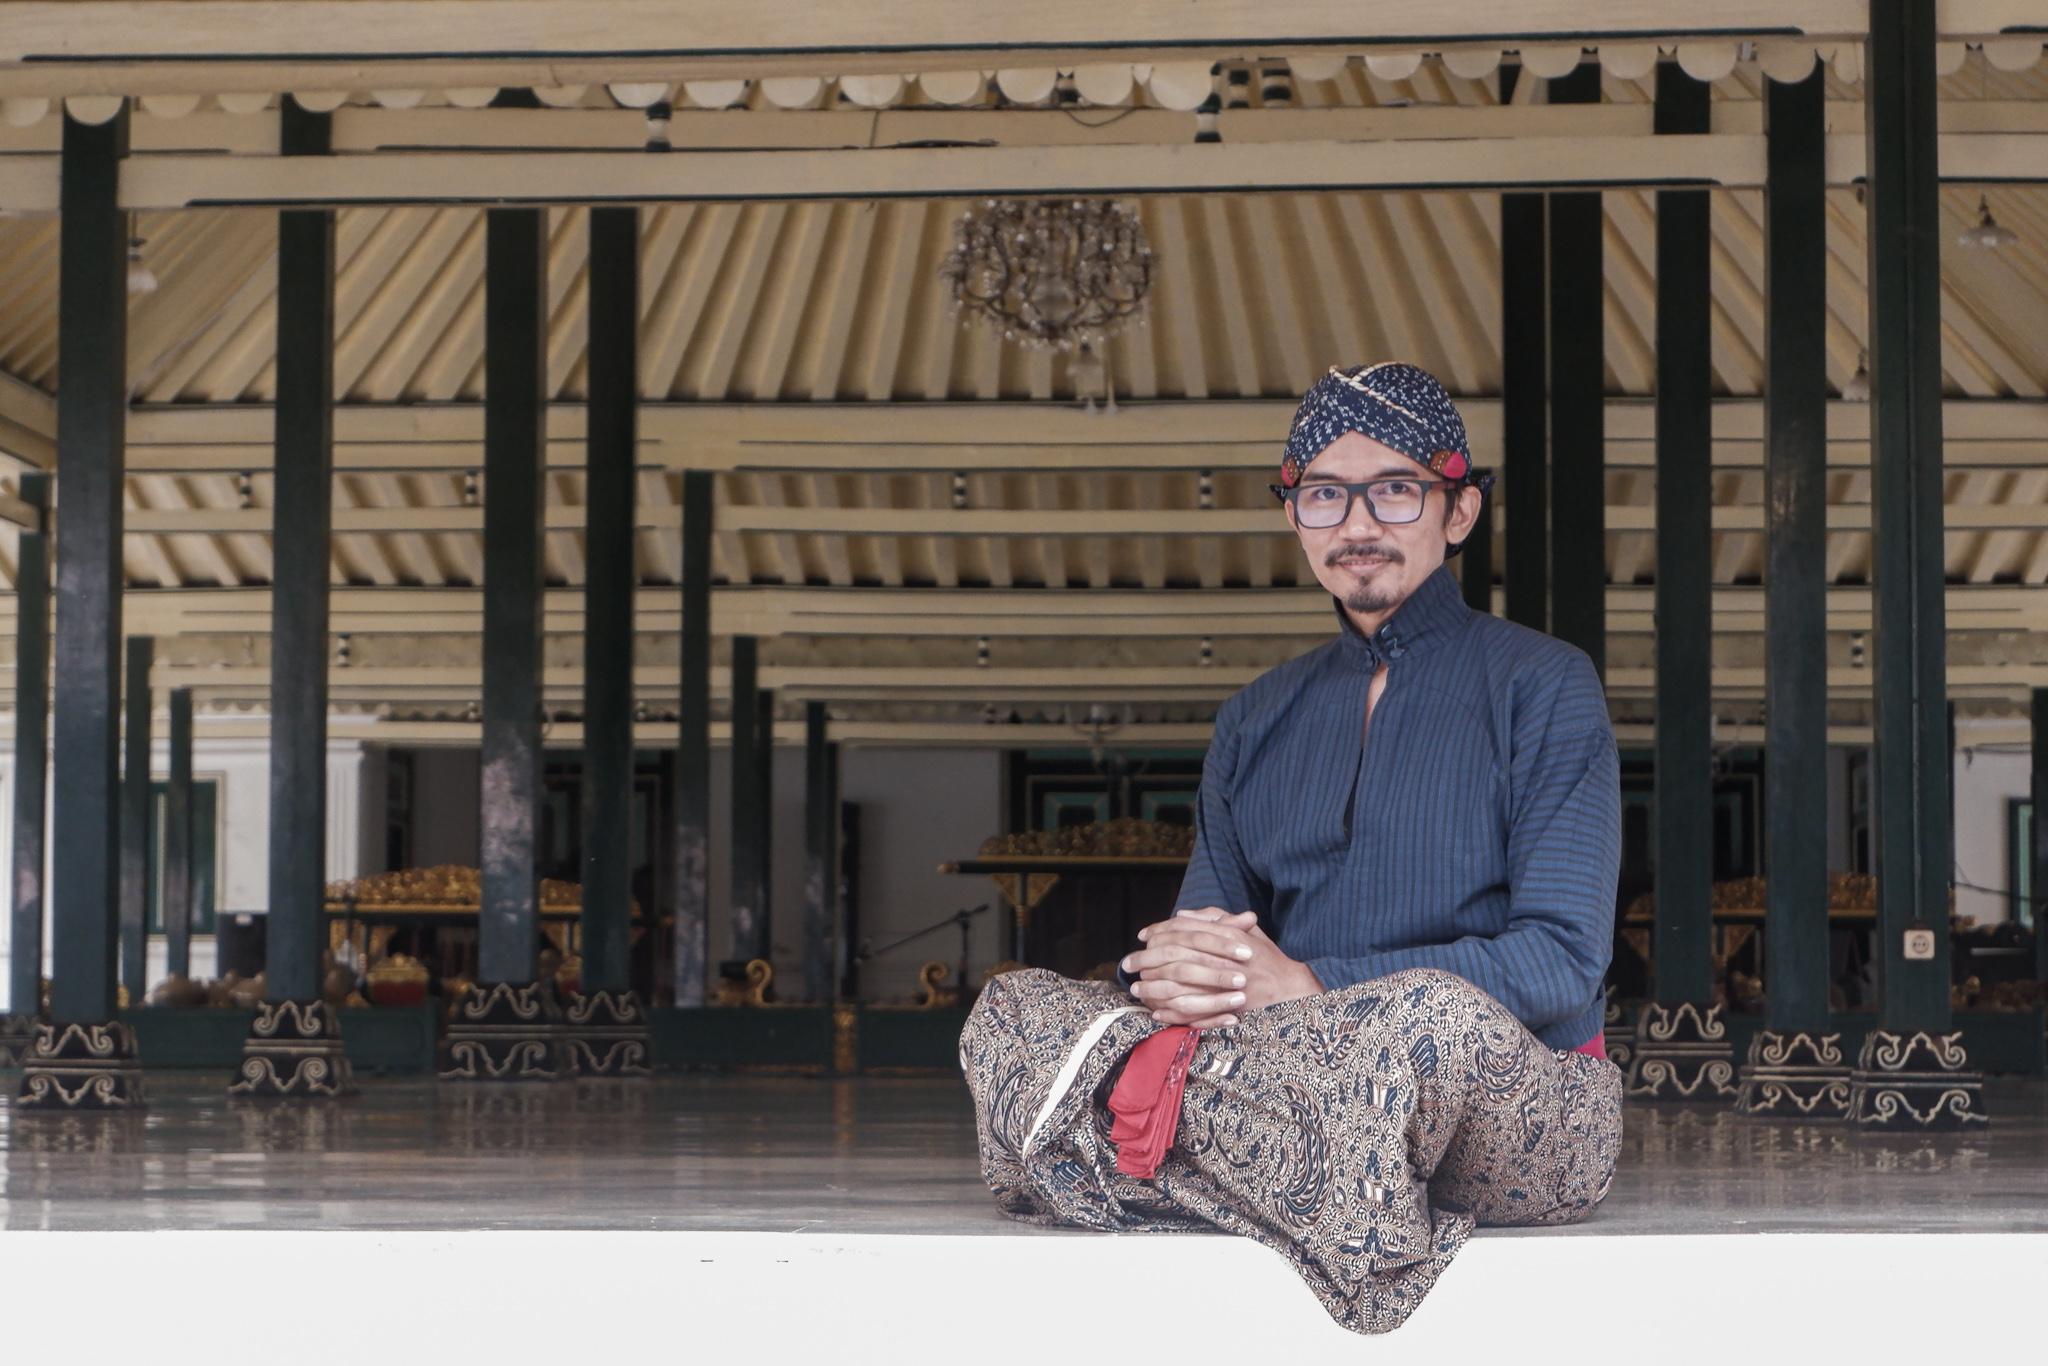 Kanjeng Noto berpose di selasar di dalam Keraton Yogyakarta. .jpg